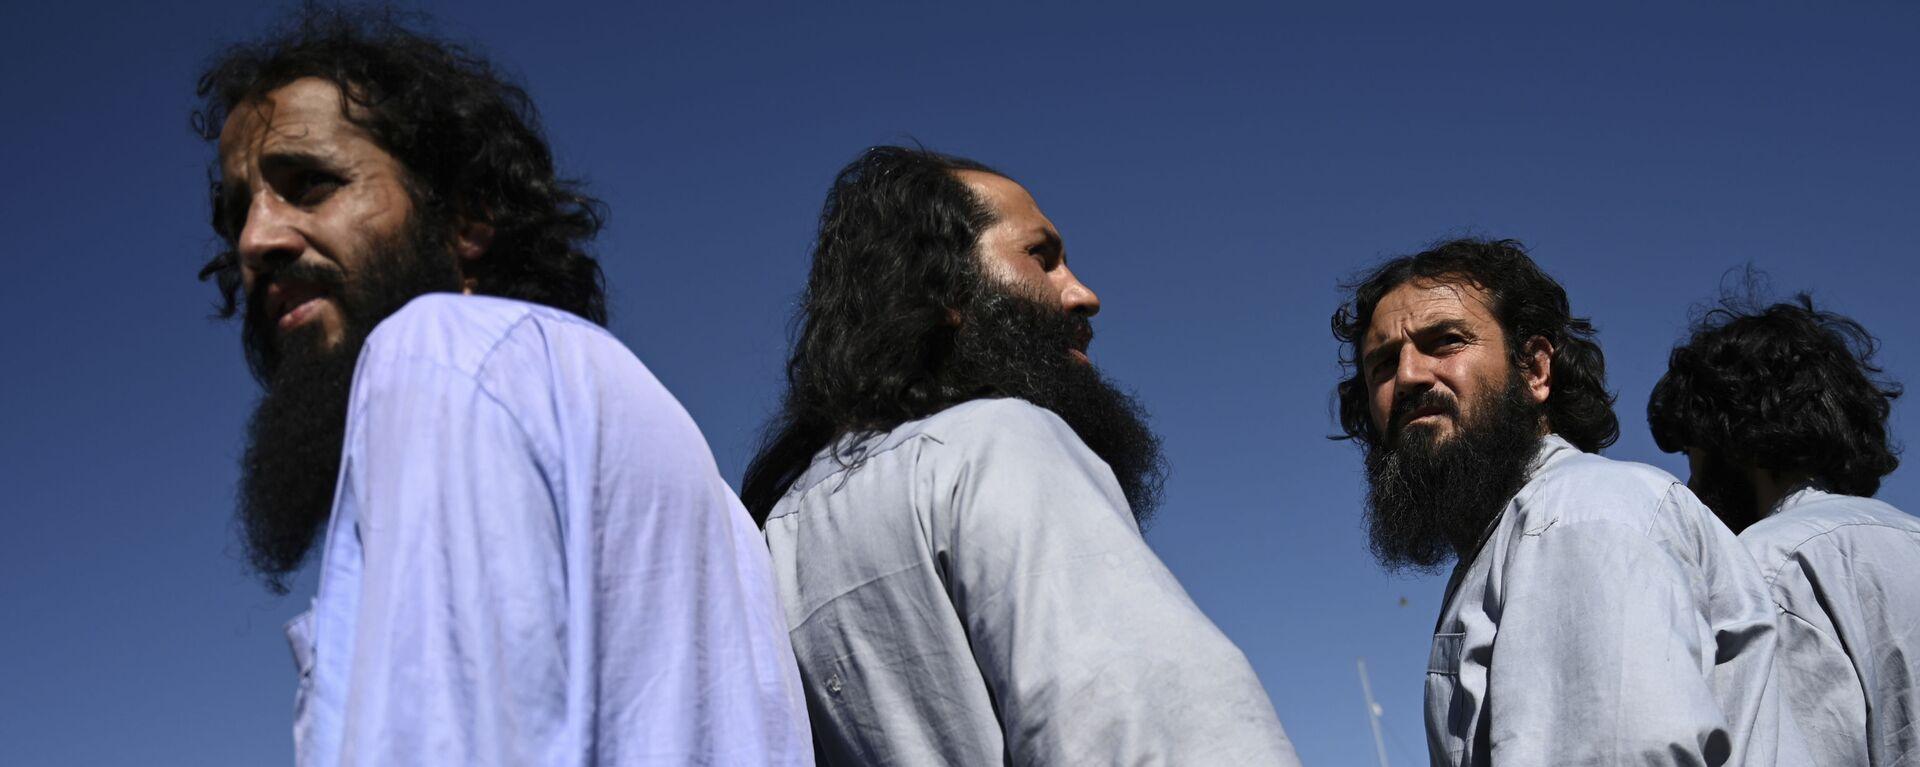 Заключенные талибы во время их освобождения из тюрьмы Баграм, Афганистан - Sputnik Таджикистан, 1920, 30.08.2021